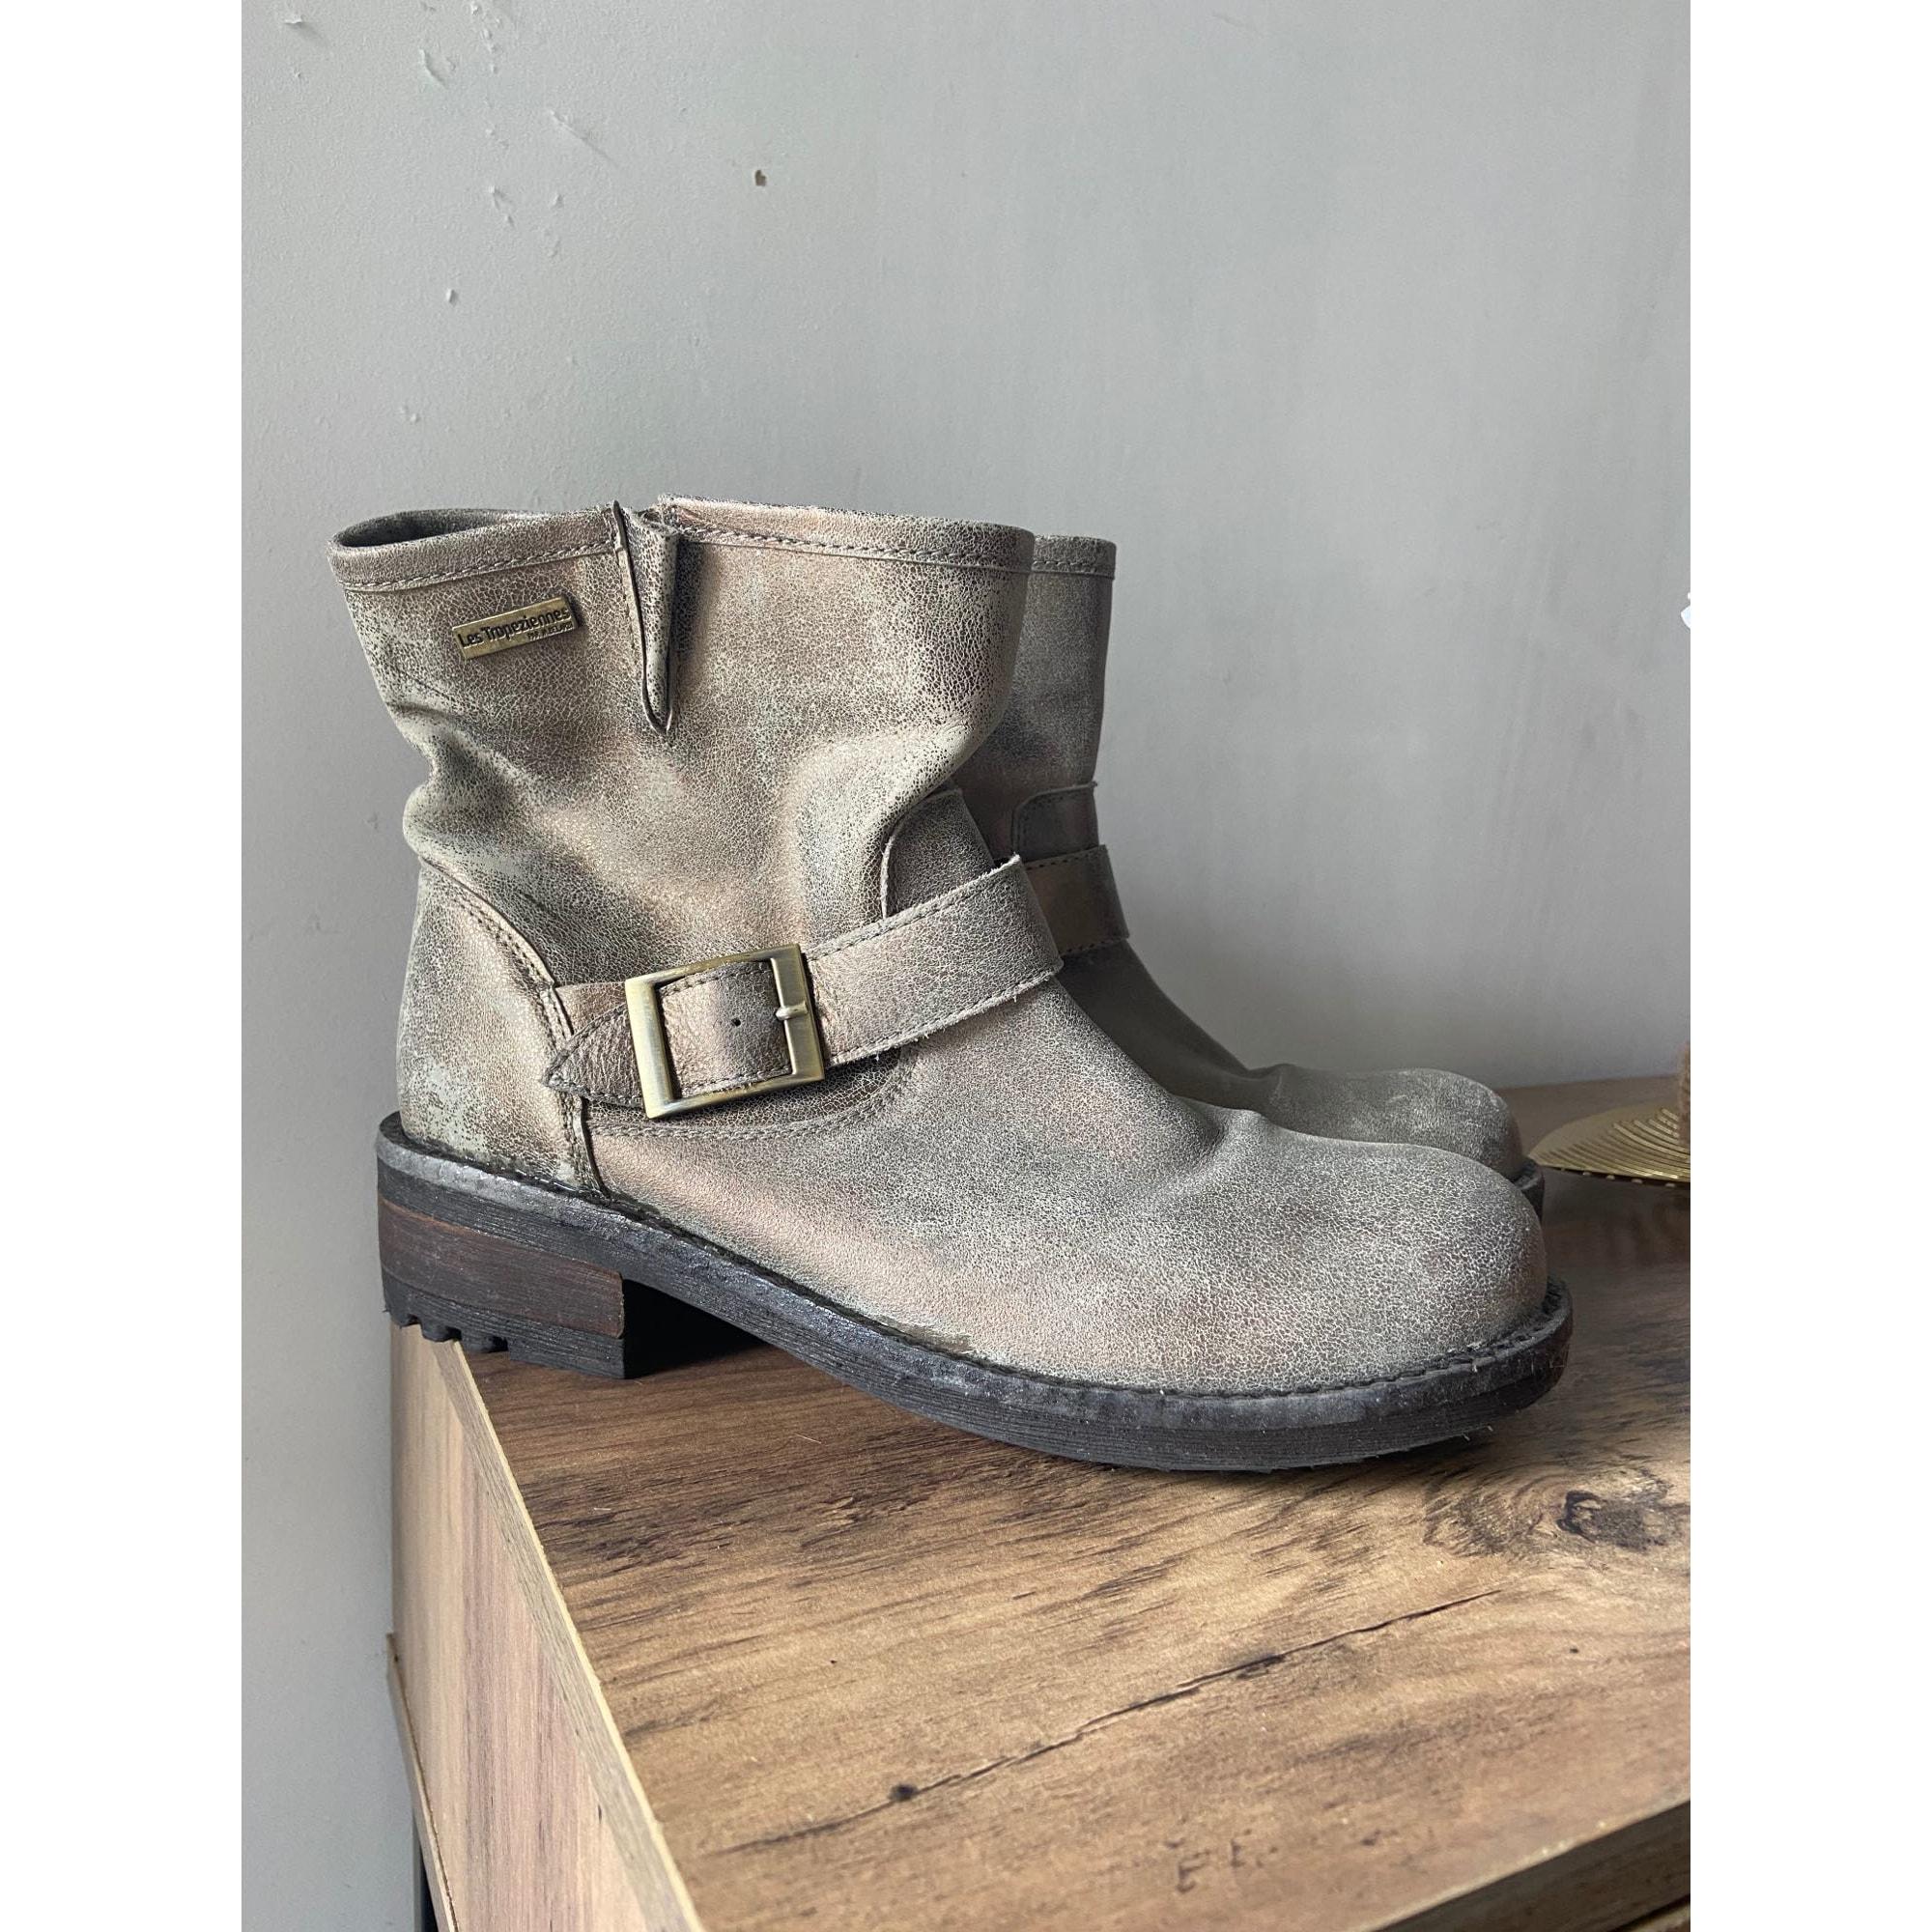 Bottines & low boots plates LES TROPÉZIENNES PAR M. BELARBI Gris, anthracite